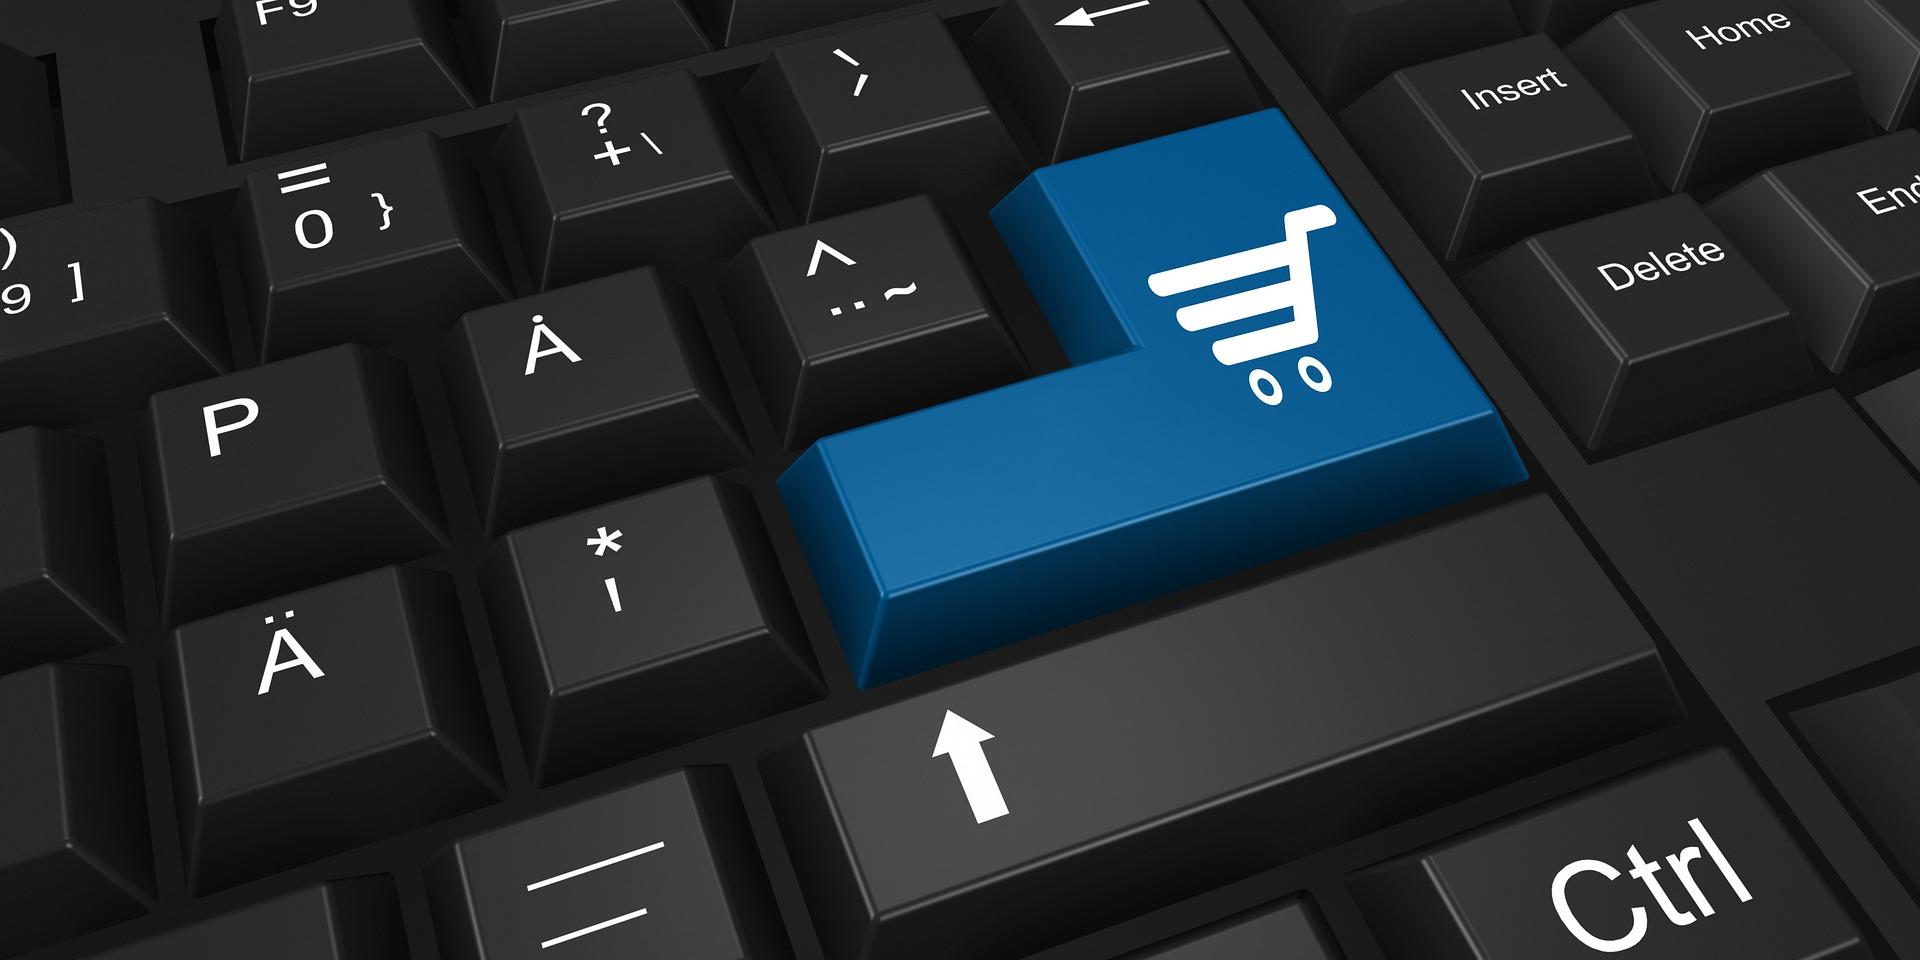 Товары в Google Shopping начнут проверять на соответствие цен: что нужно знать ритейлерам